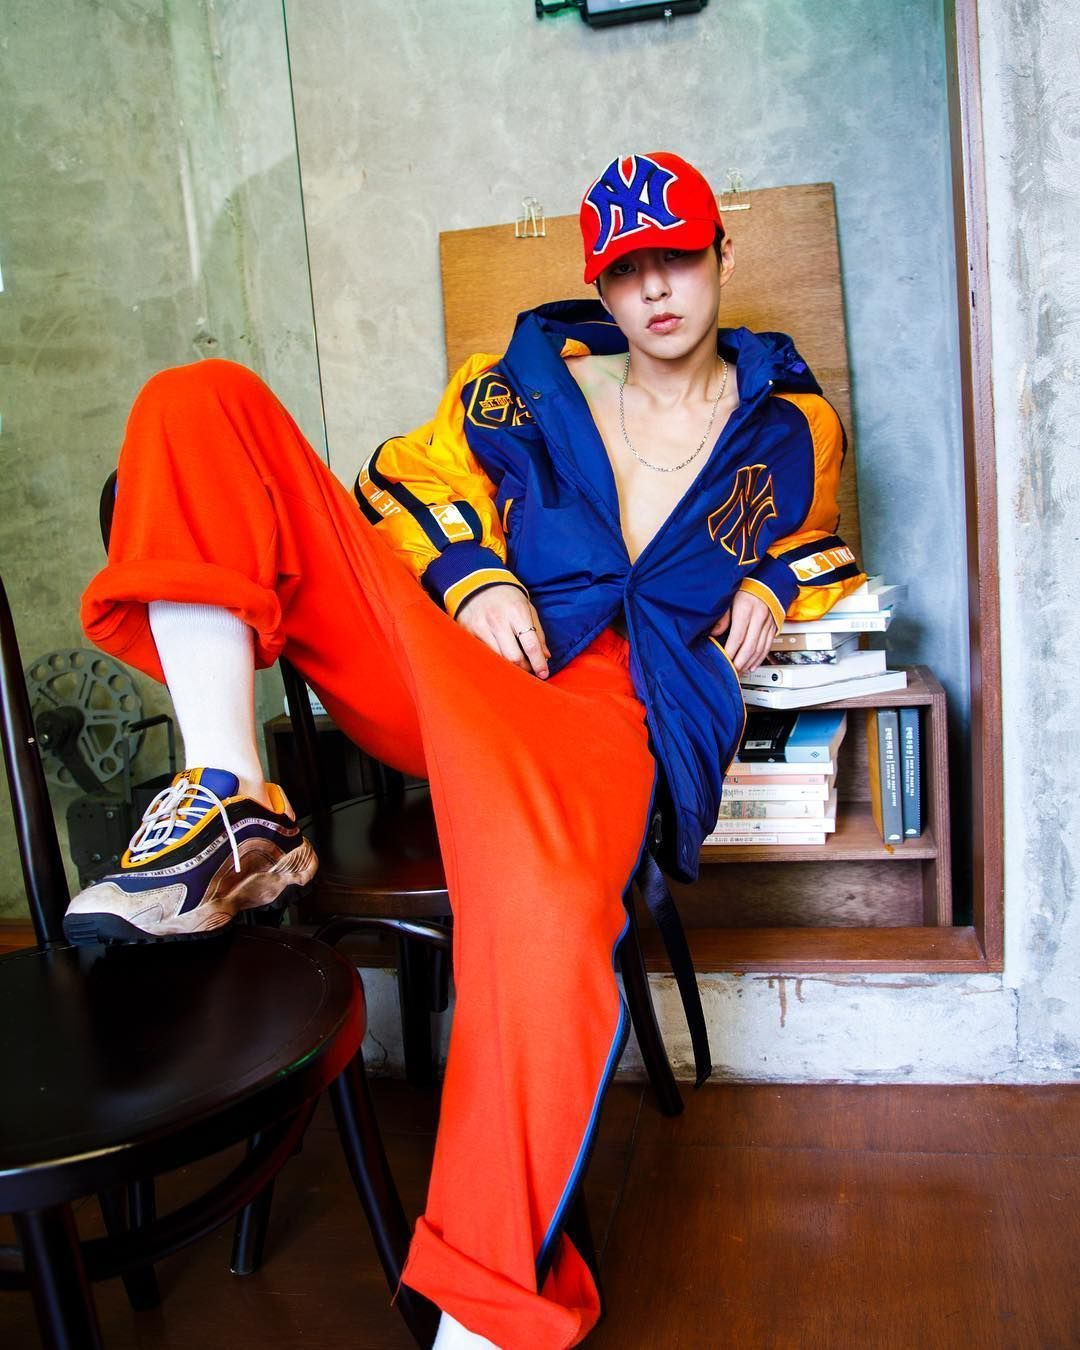 Mlb X Exo Xiumin F W Collection Photoshoot Exo Xiumin Exo Kim Minseok Exo